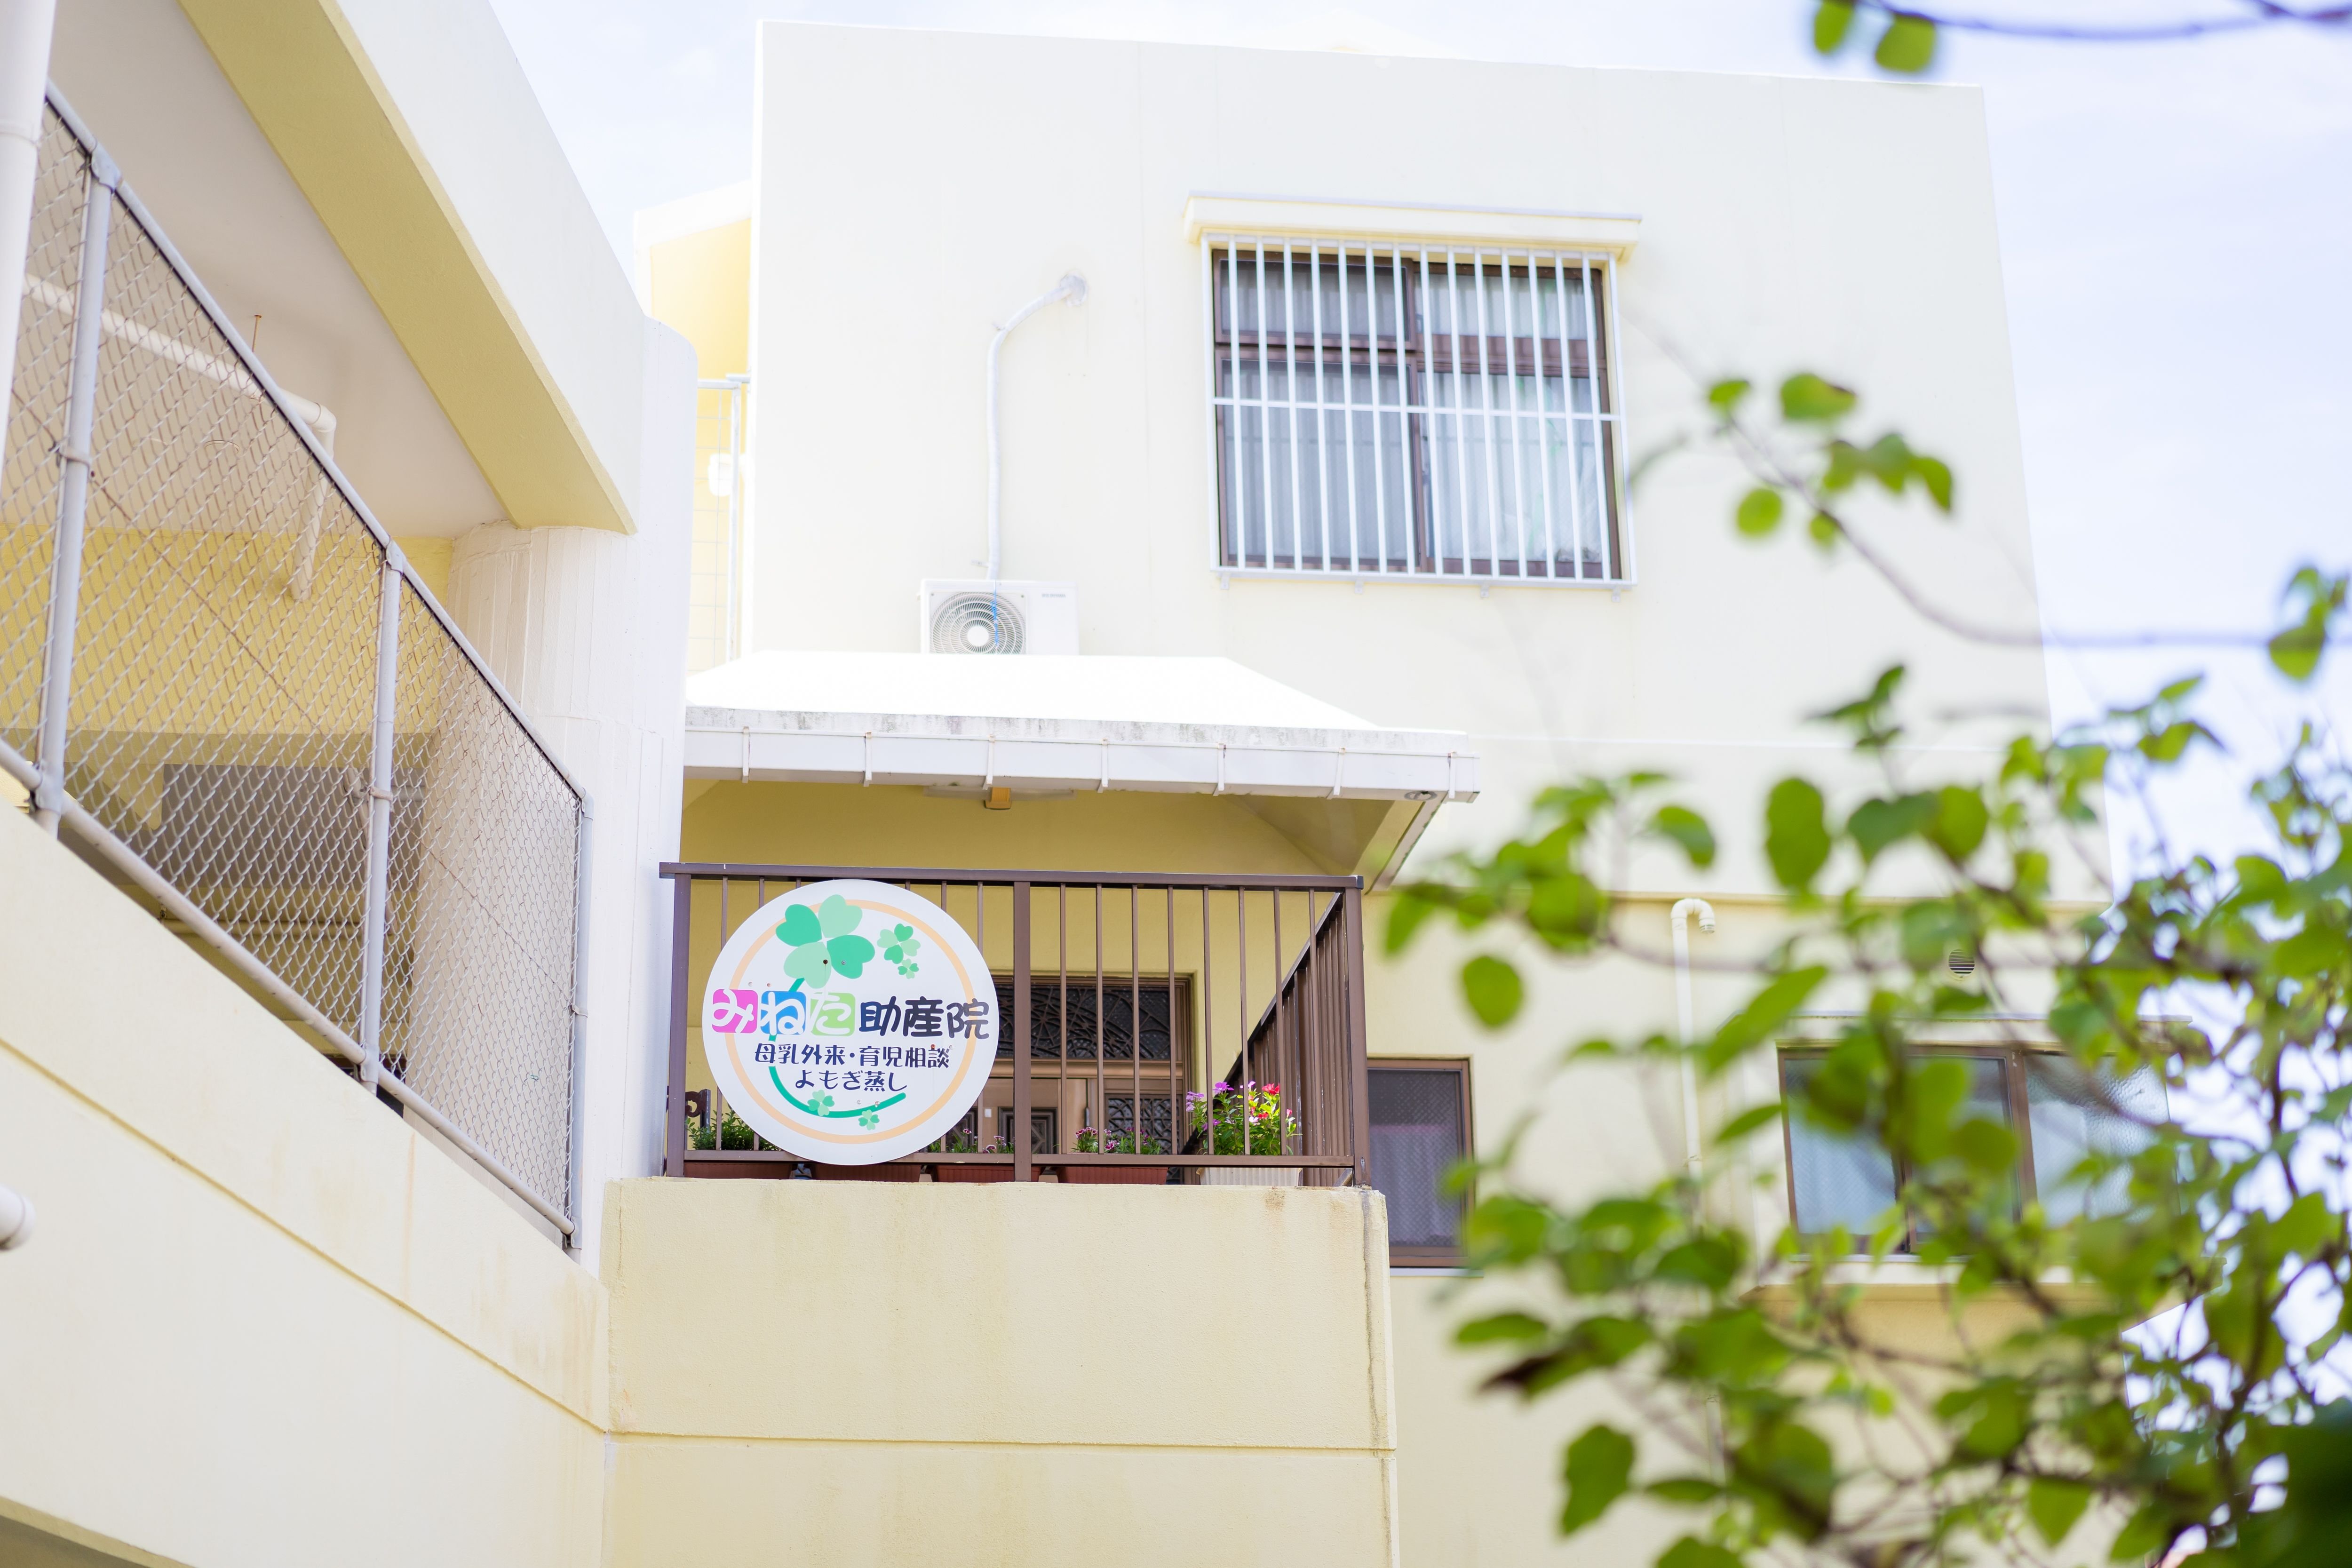 沖縄市 痛くない母乳外来 ママと赤ちゃんを癒す  みねた助産院